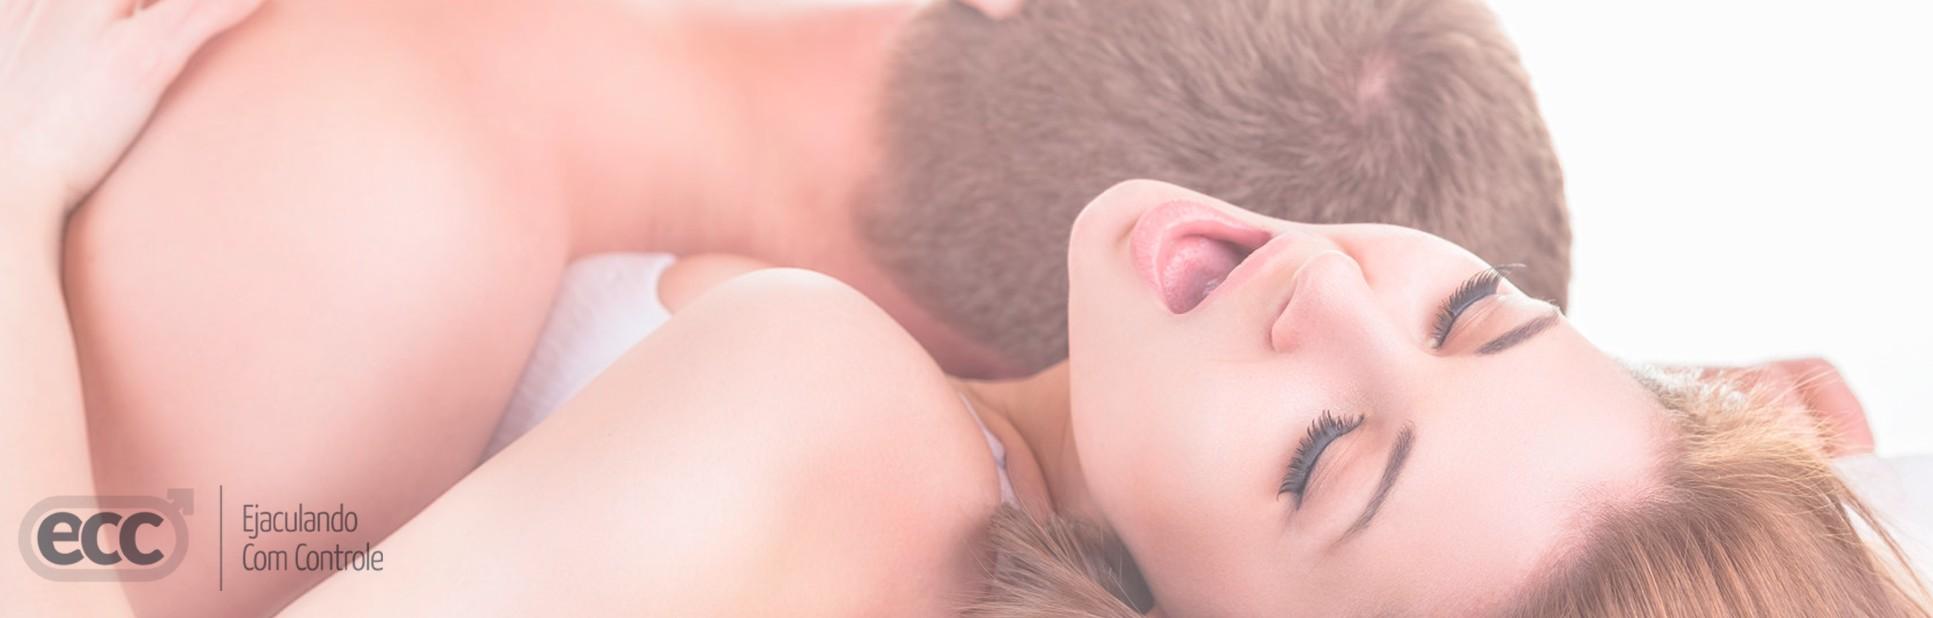 como fazer um bom sexo oral na mulher